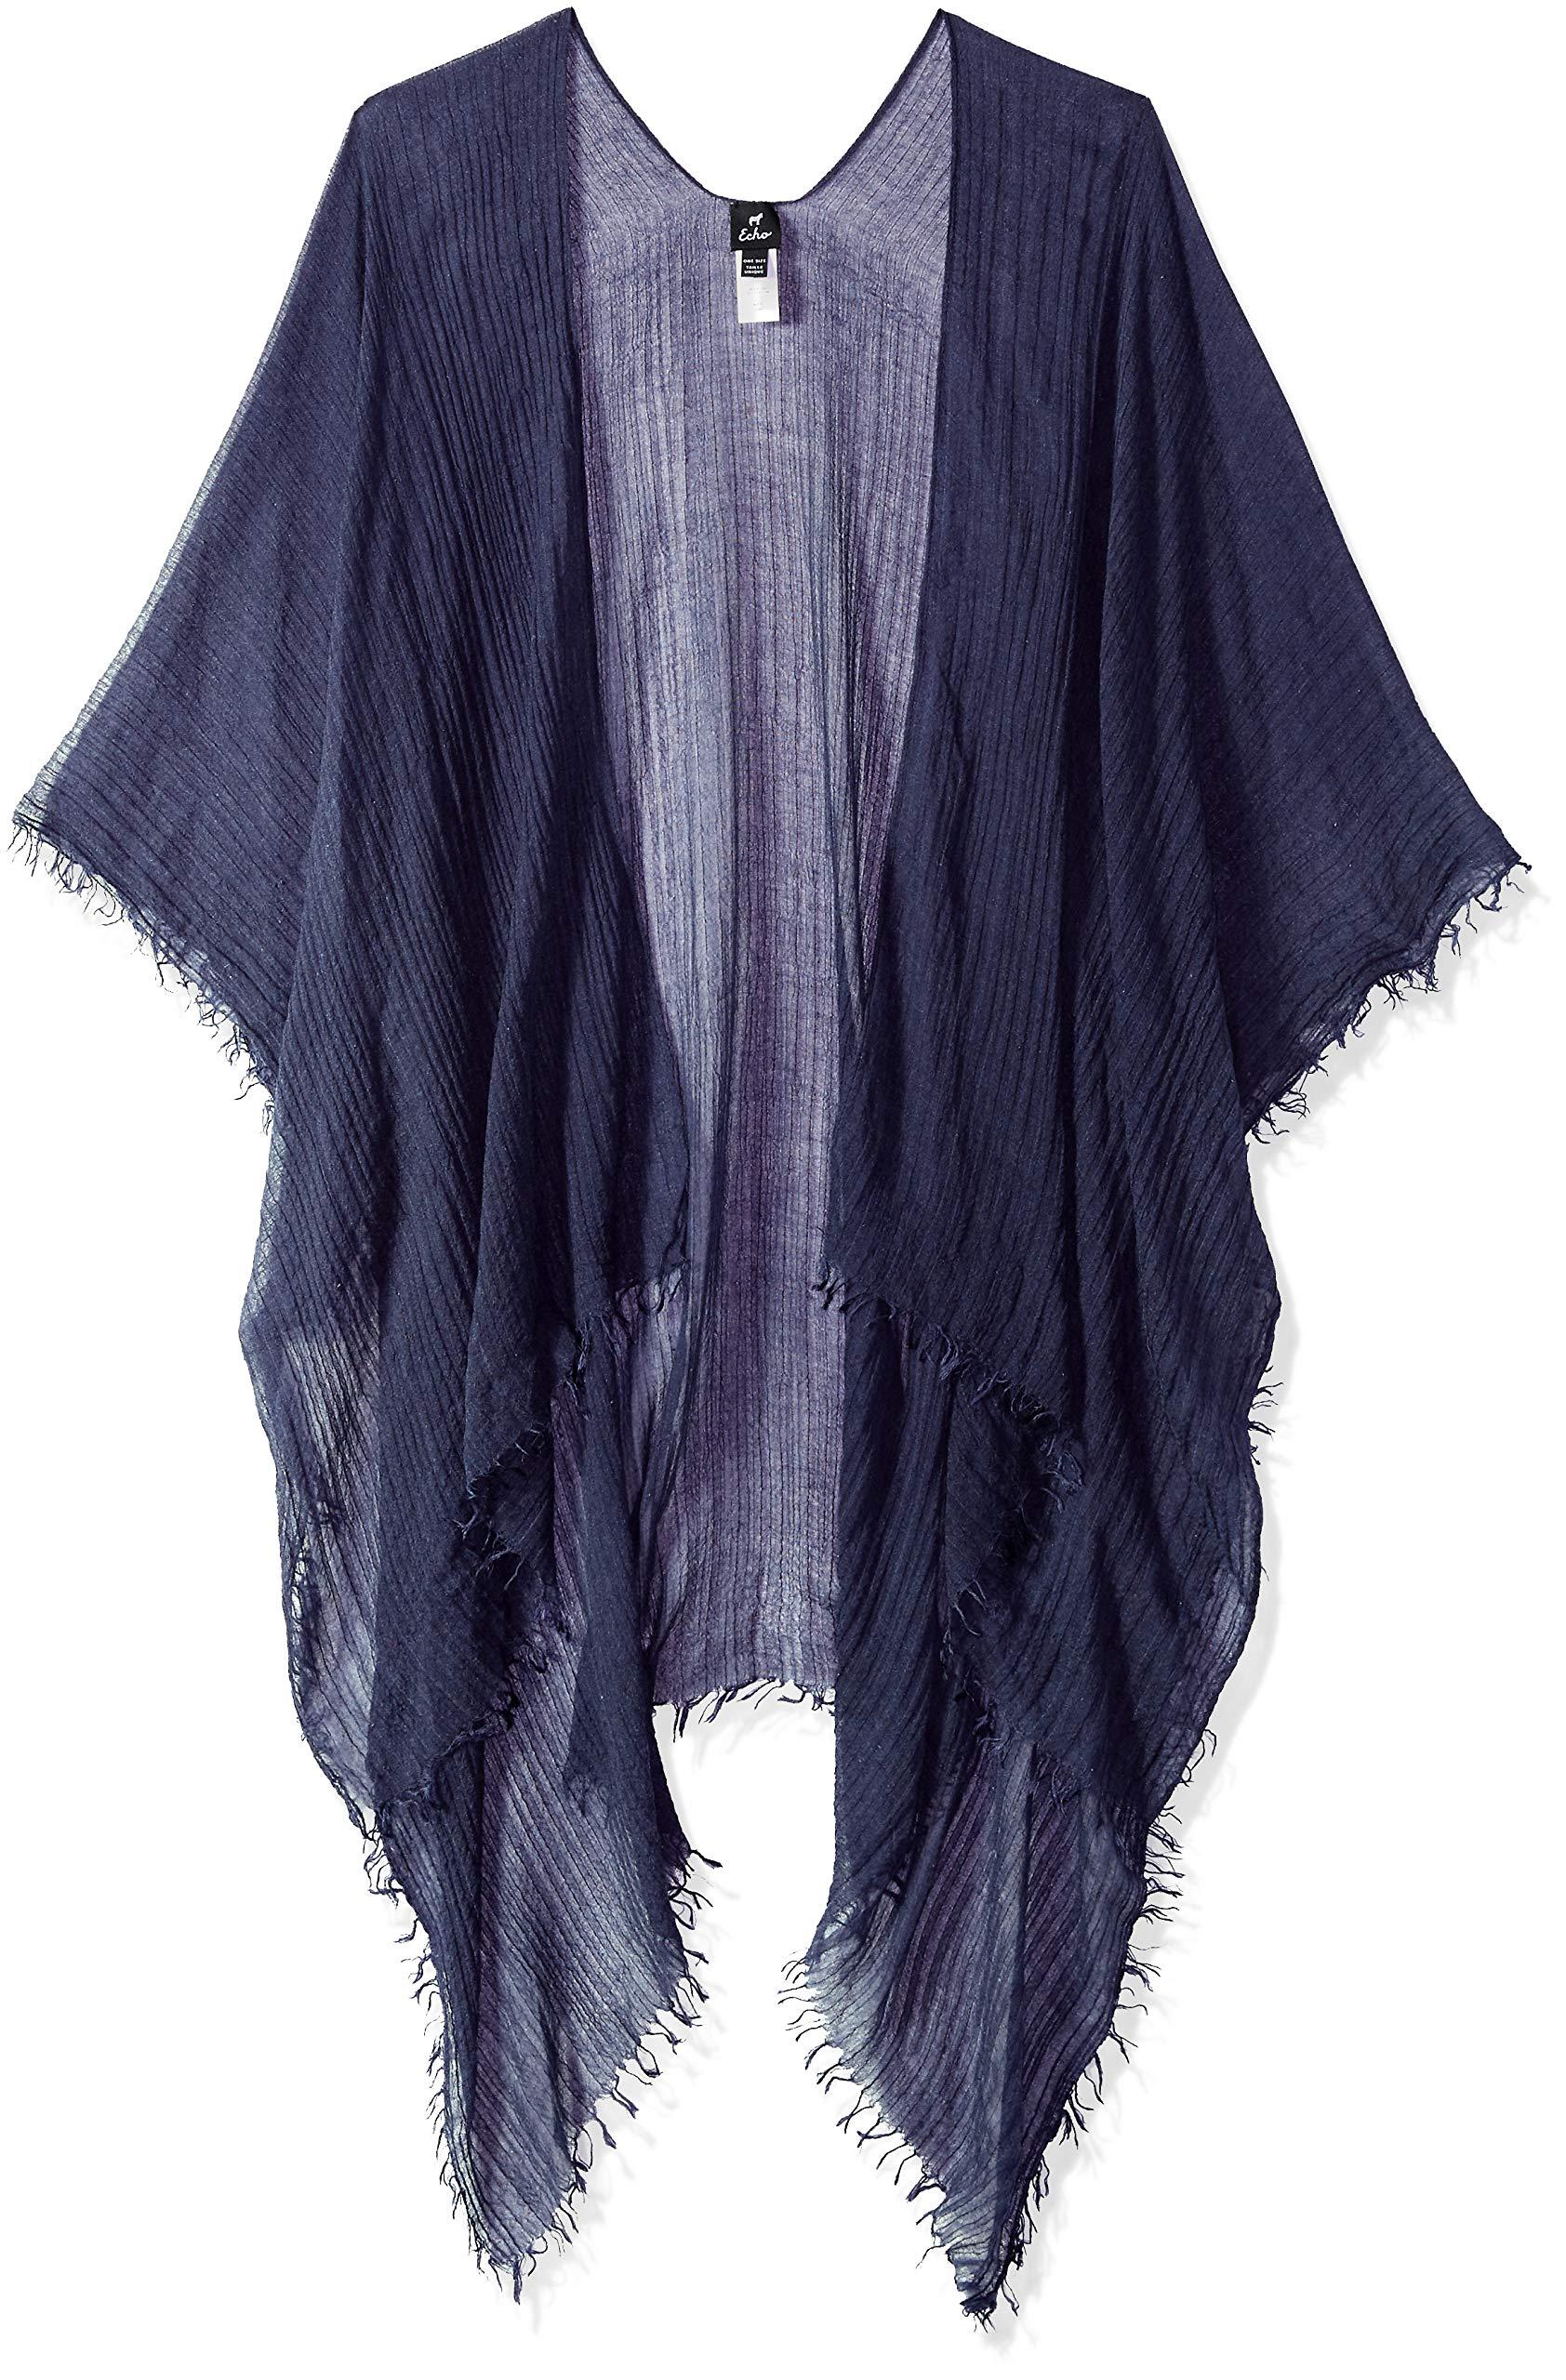 Echo Women's Tissue Weight Ruana, navy, One Size by Echo Design